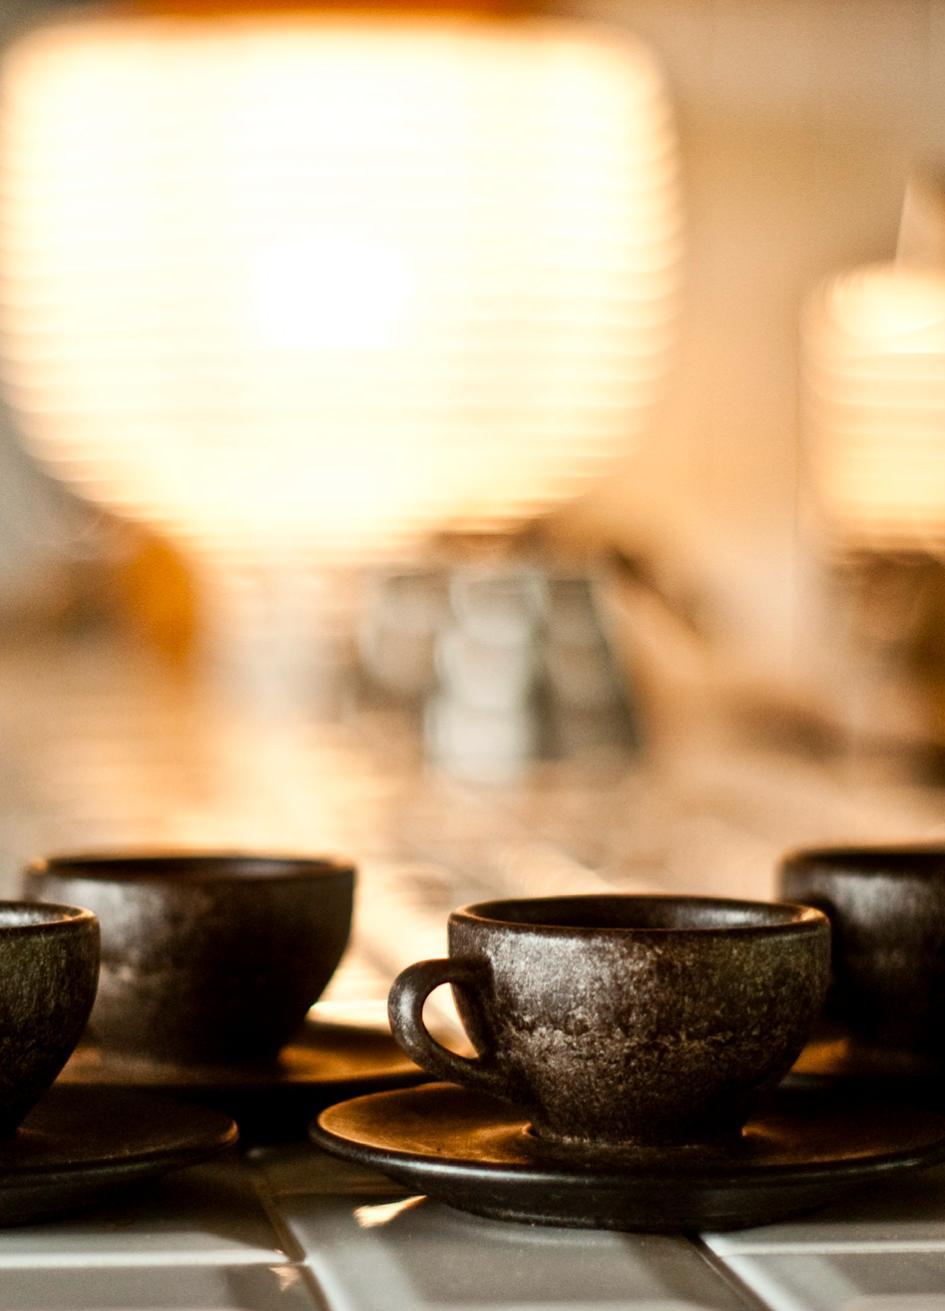 Kaffeeform_Insights_ShortVersion-06_01.jpg